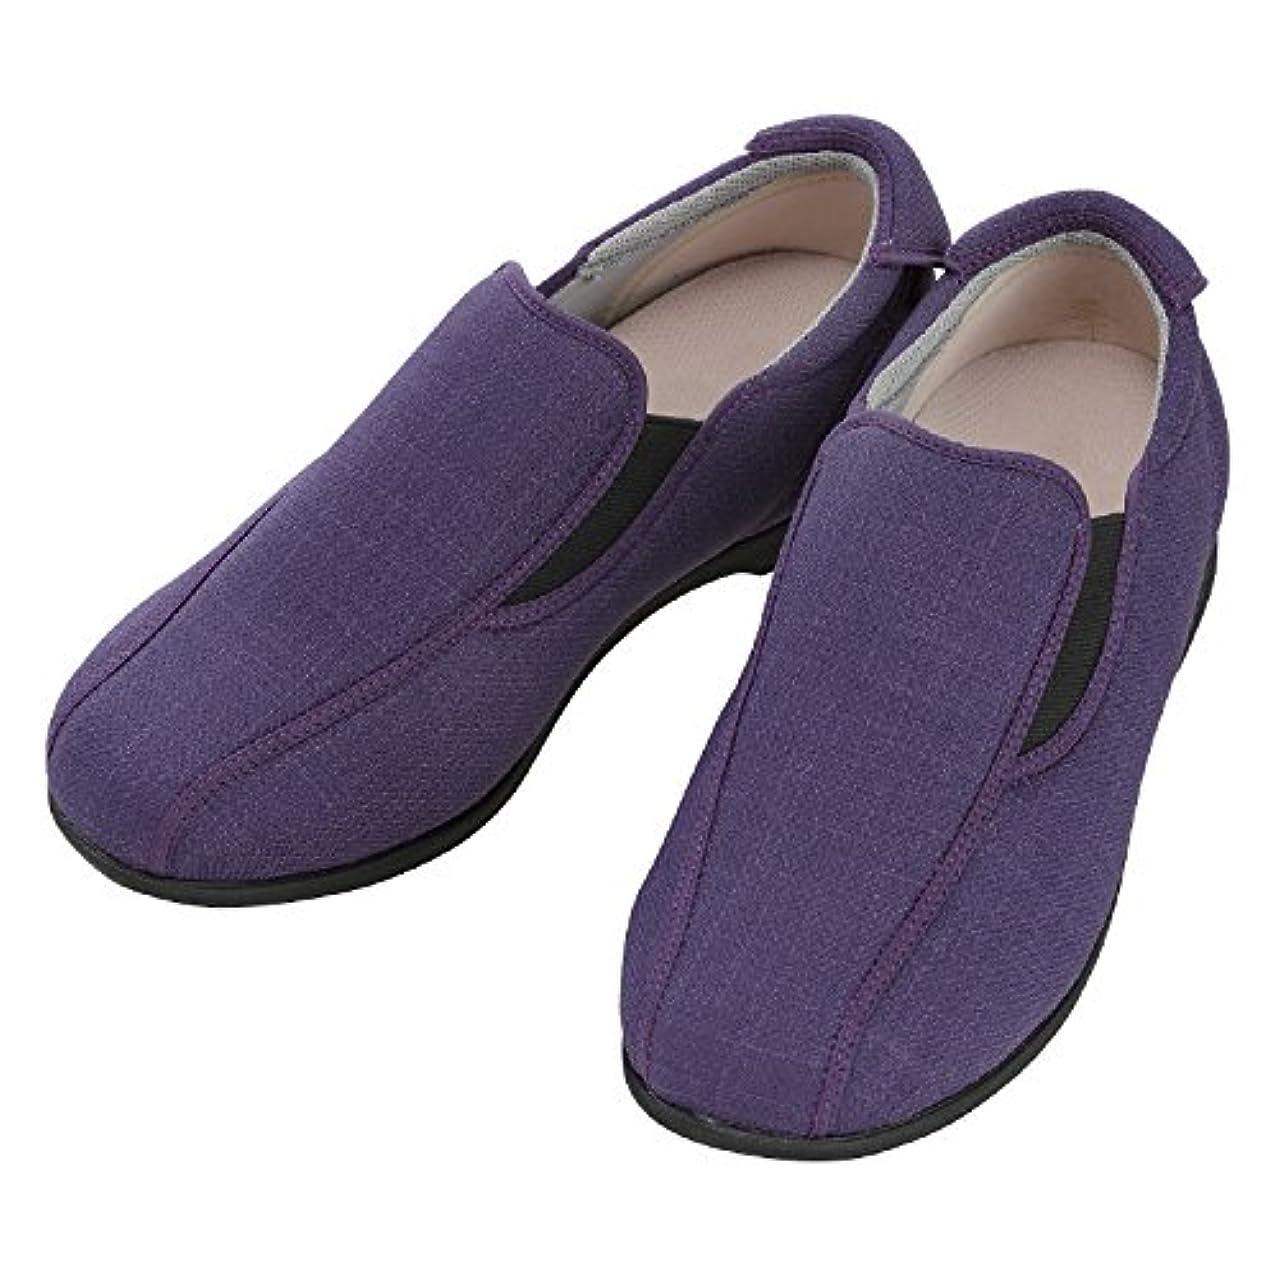 施設用 あゆみ モカスリップオン 紫 サイズ:3L(25.0-25.5cm) 1132 左右セット